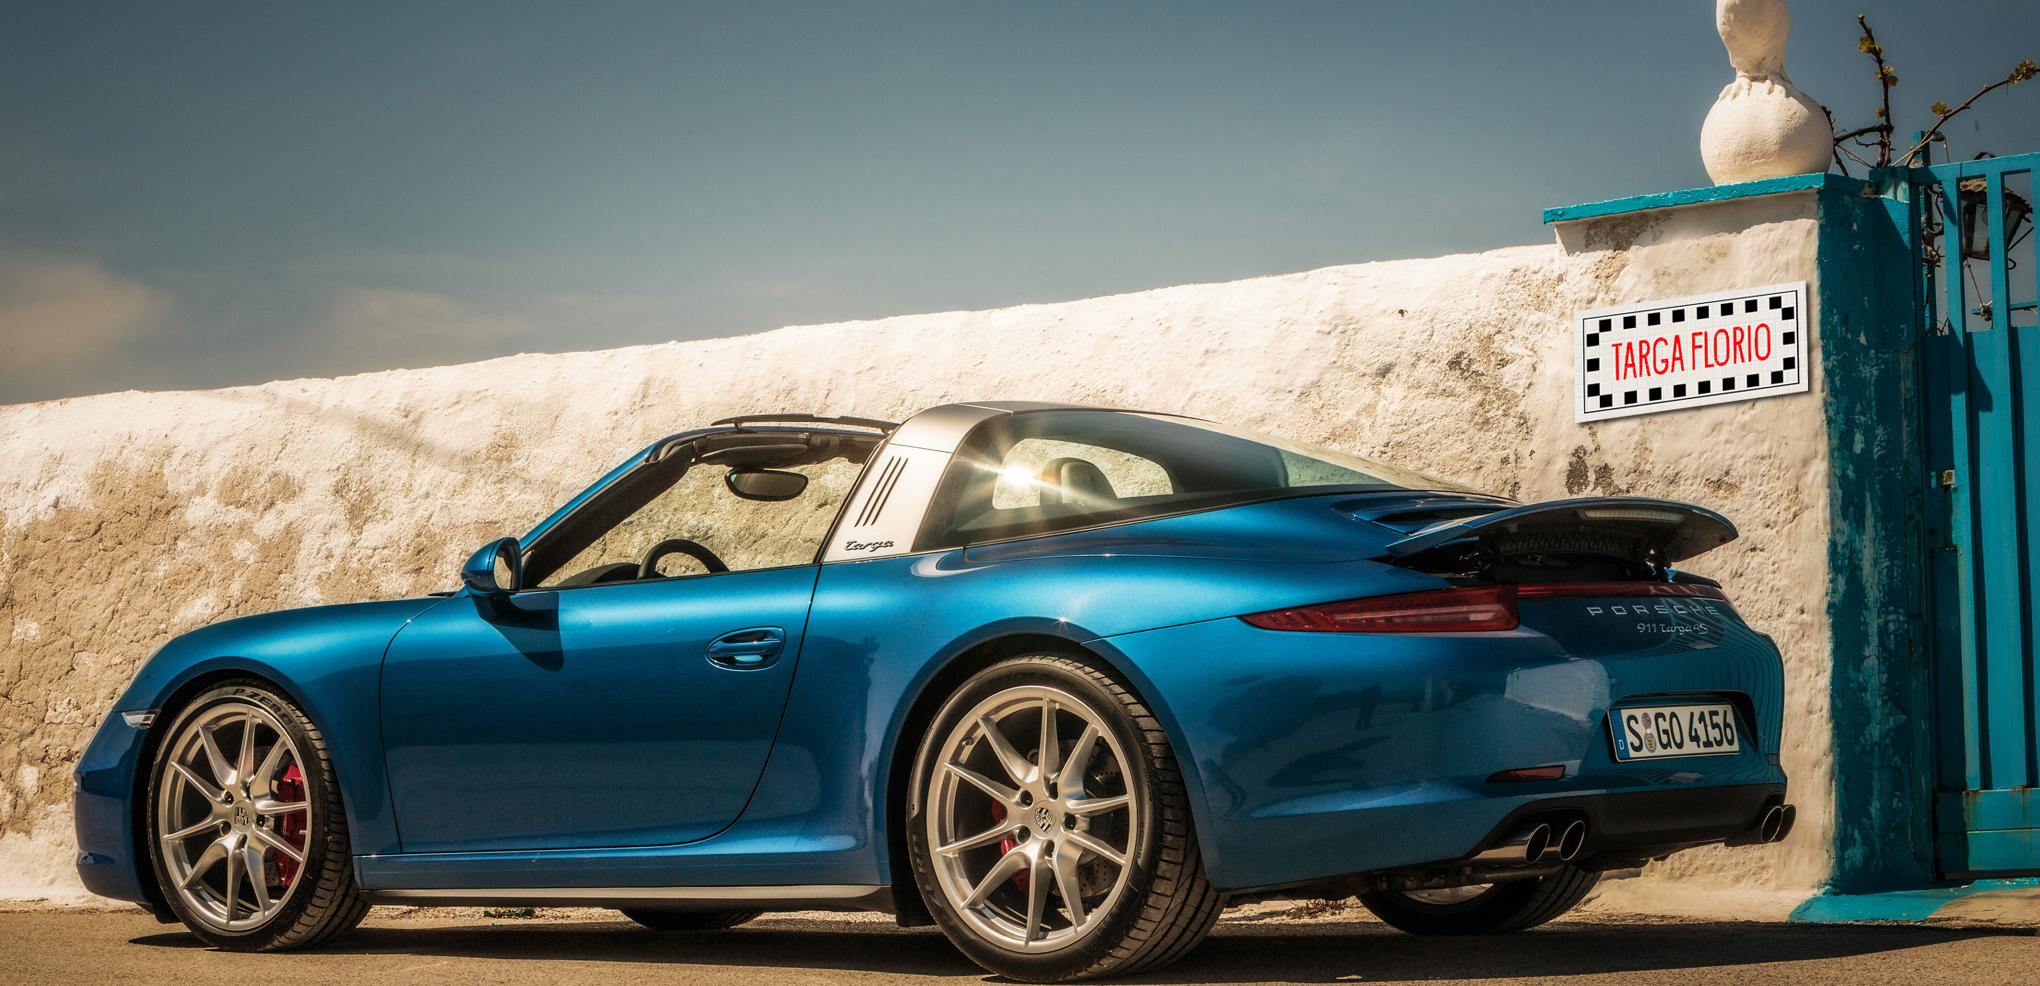 Porsche 911 Targa 4S, ritorno in Sicilia